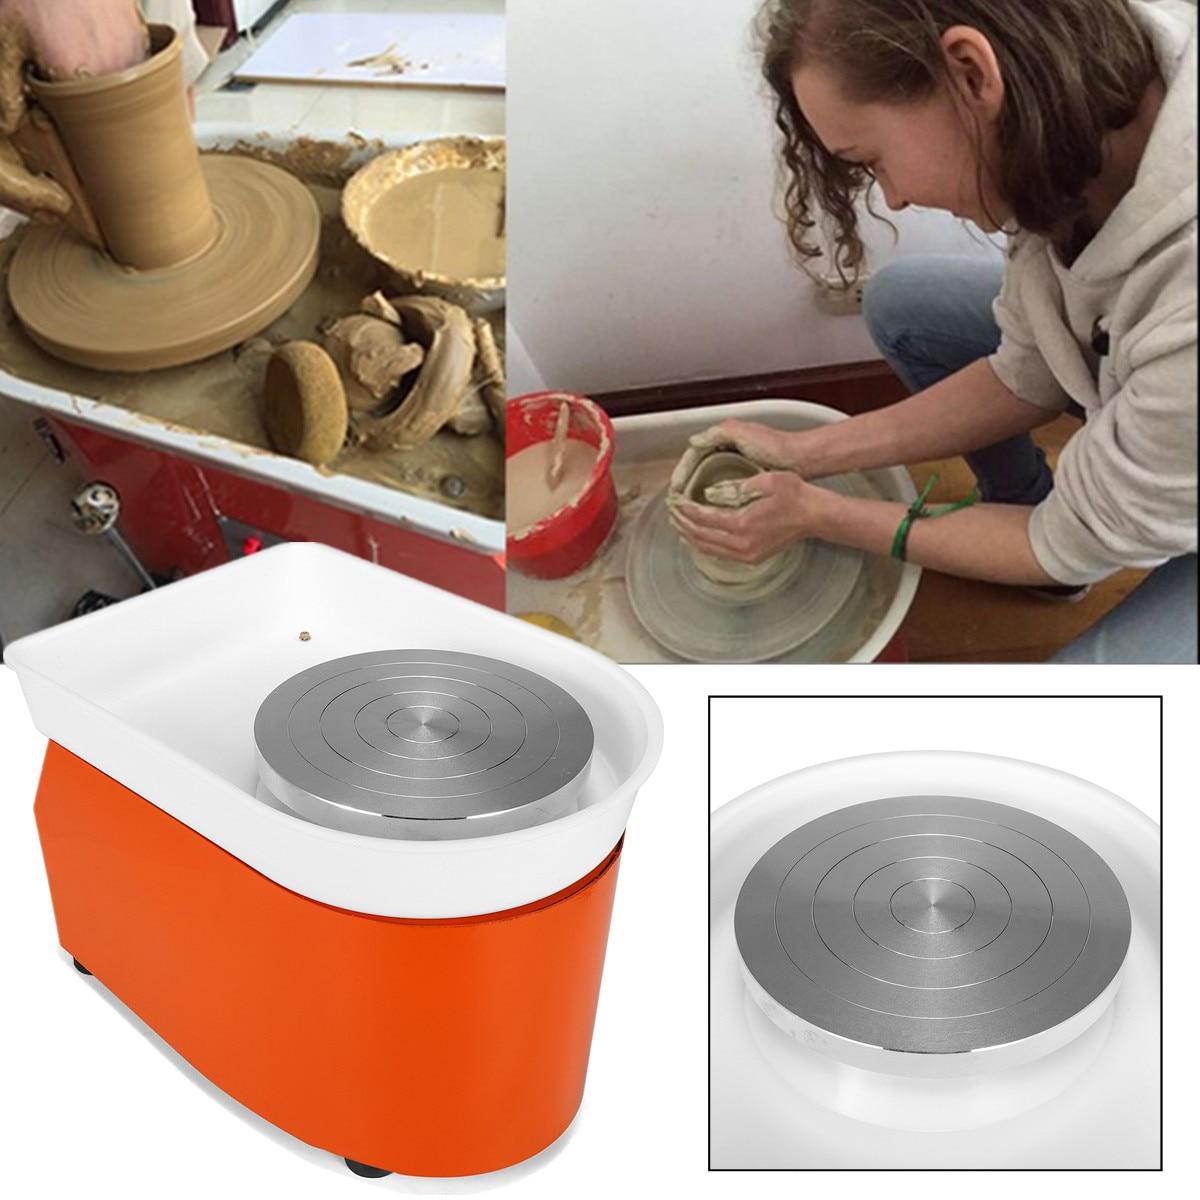 Poterie roue Machine EU/AU/US 25 cm AC 220 V 250 W Flexible pédale en céramique travail céramique argile Art avec Mobile lisse à faible bruit - 4